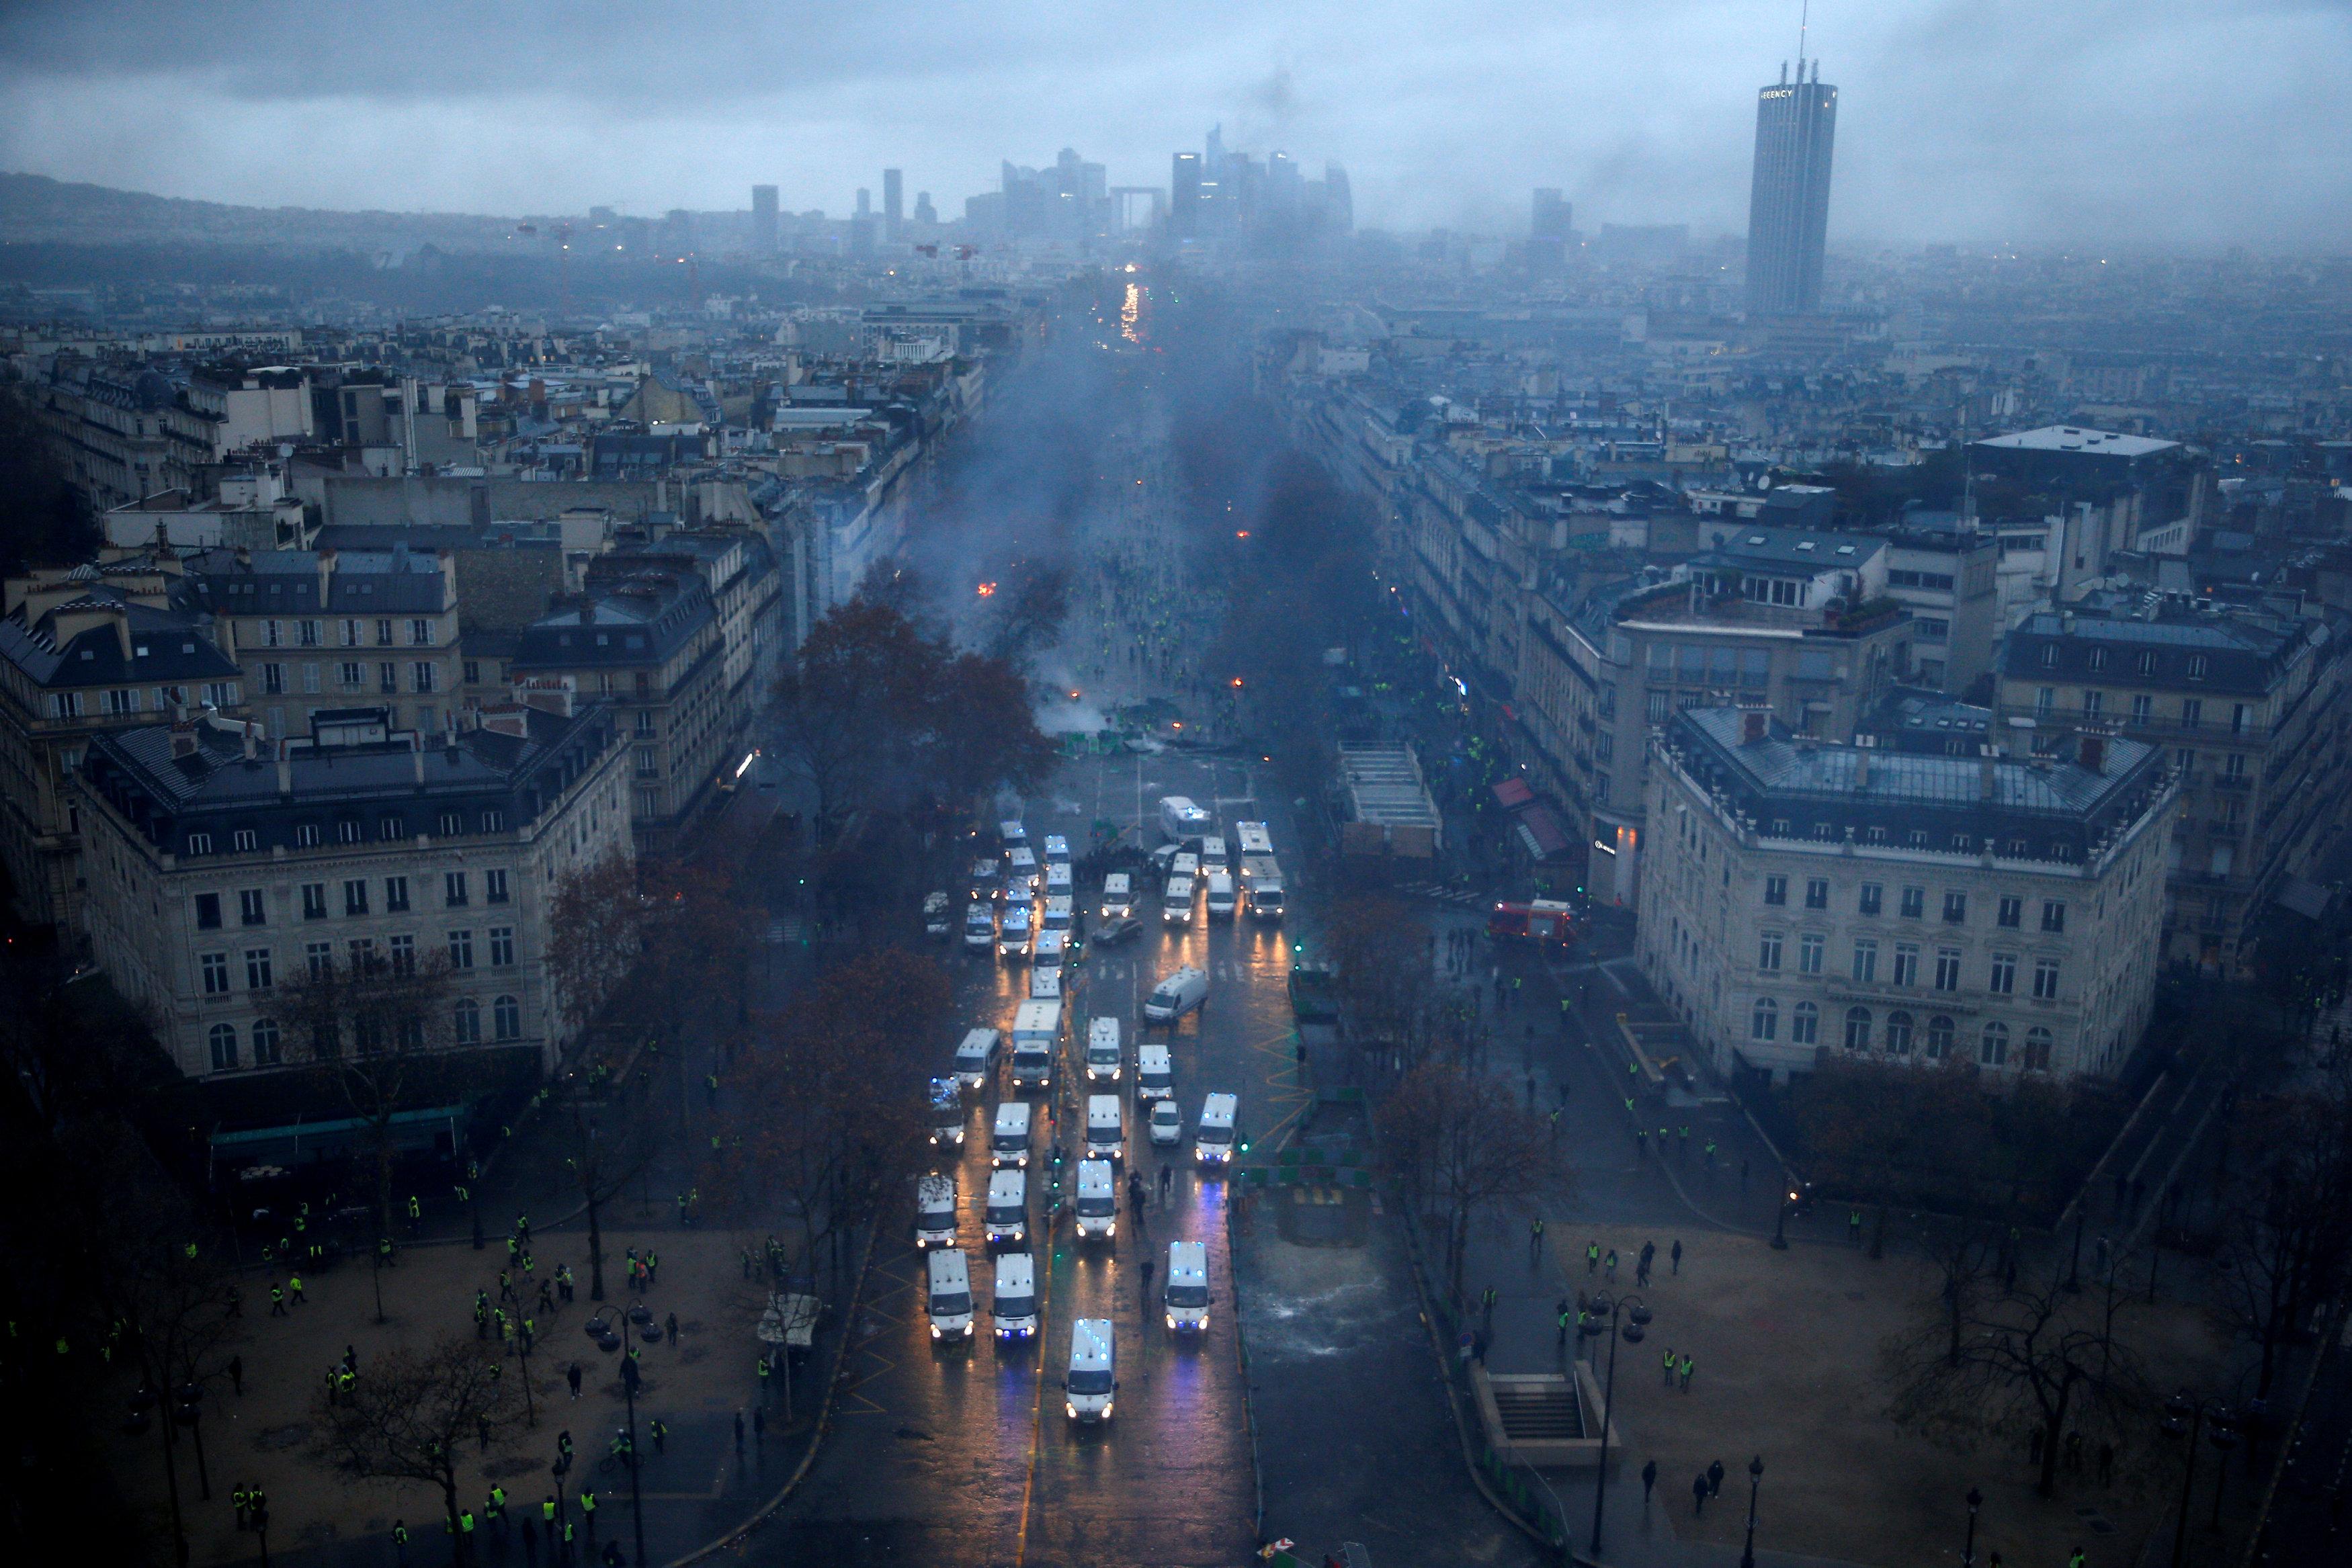 شوارع فرنسا يهيمن عليها الدخان